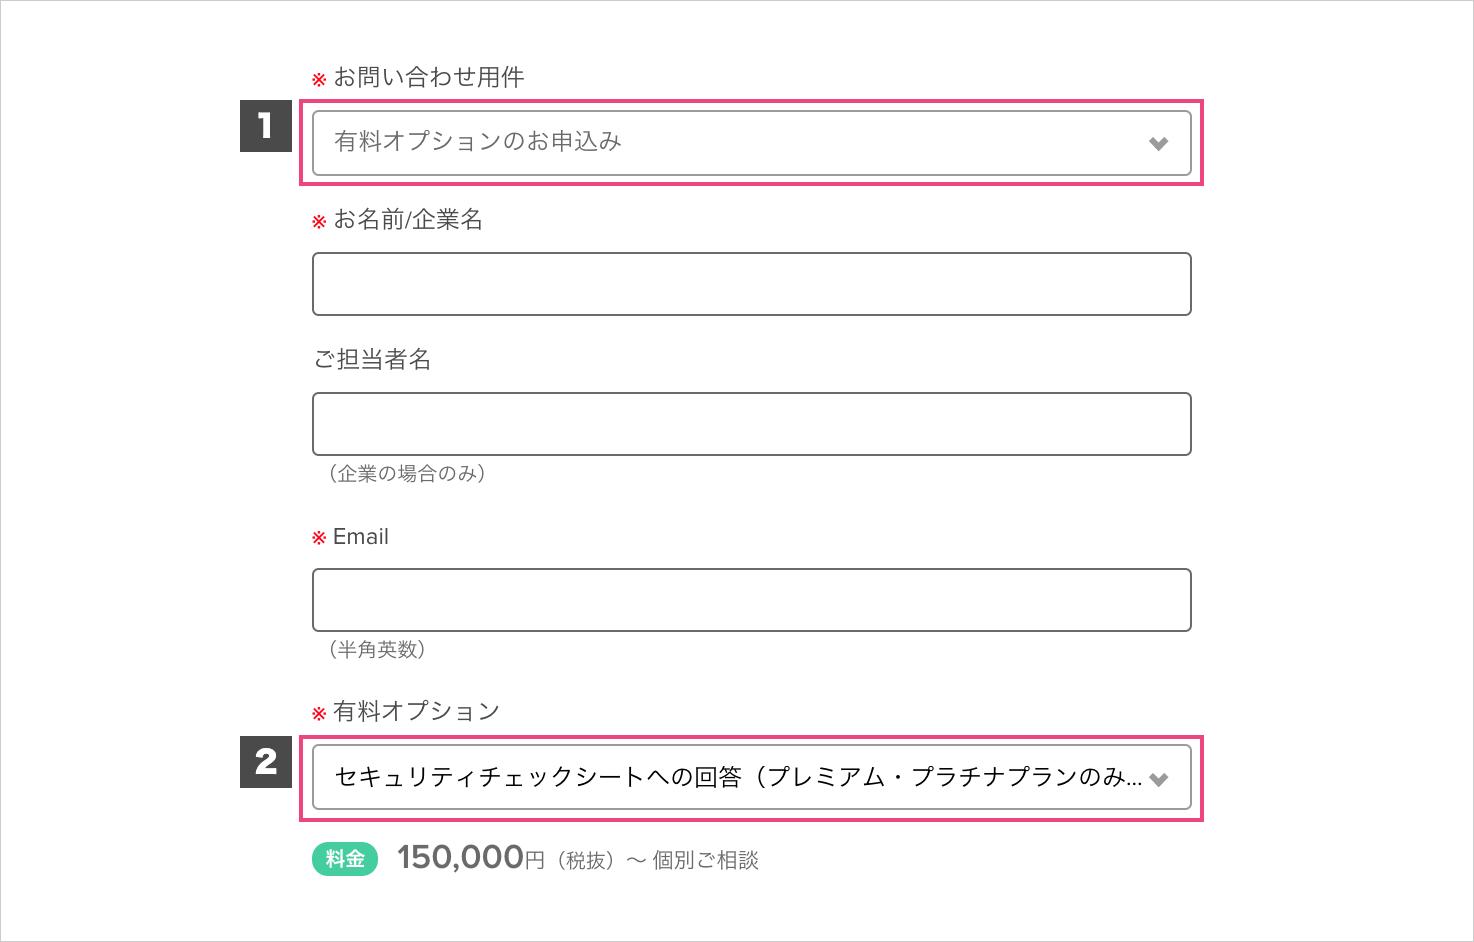 お申し込みフォーム| プロジェクト管理ツールBacklog